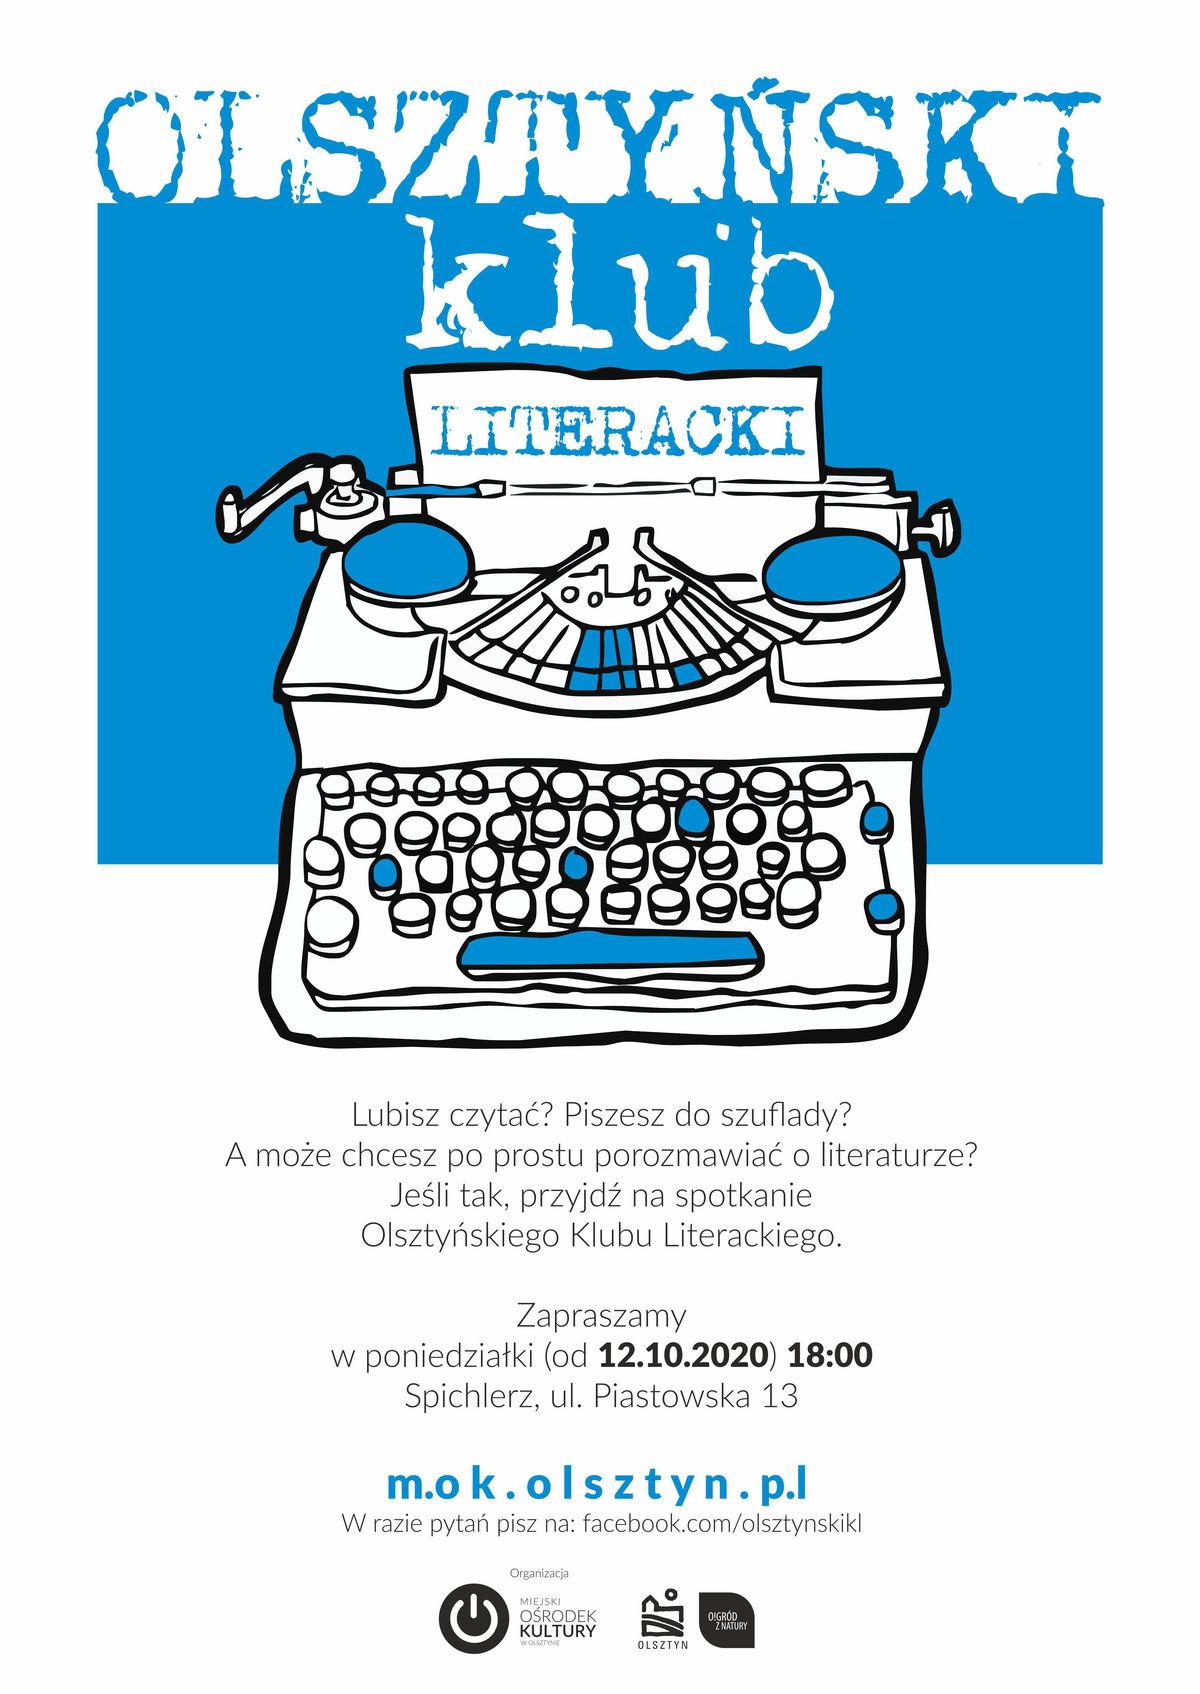 Olsztyński Klub Literacki wraca ze spotkaniami  - full image